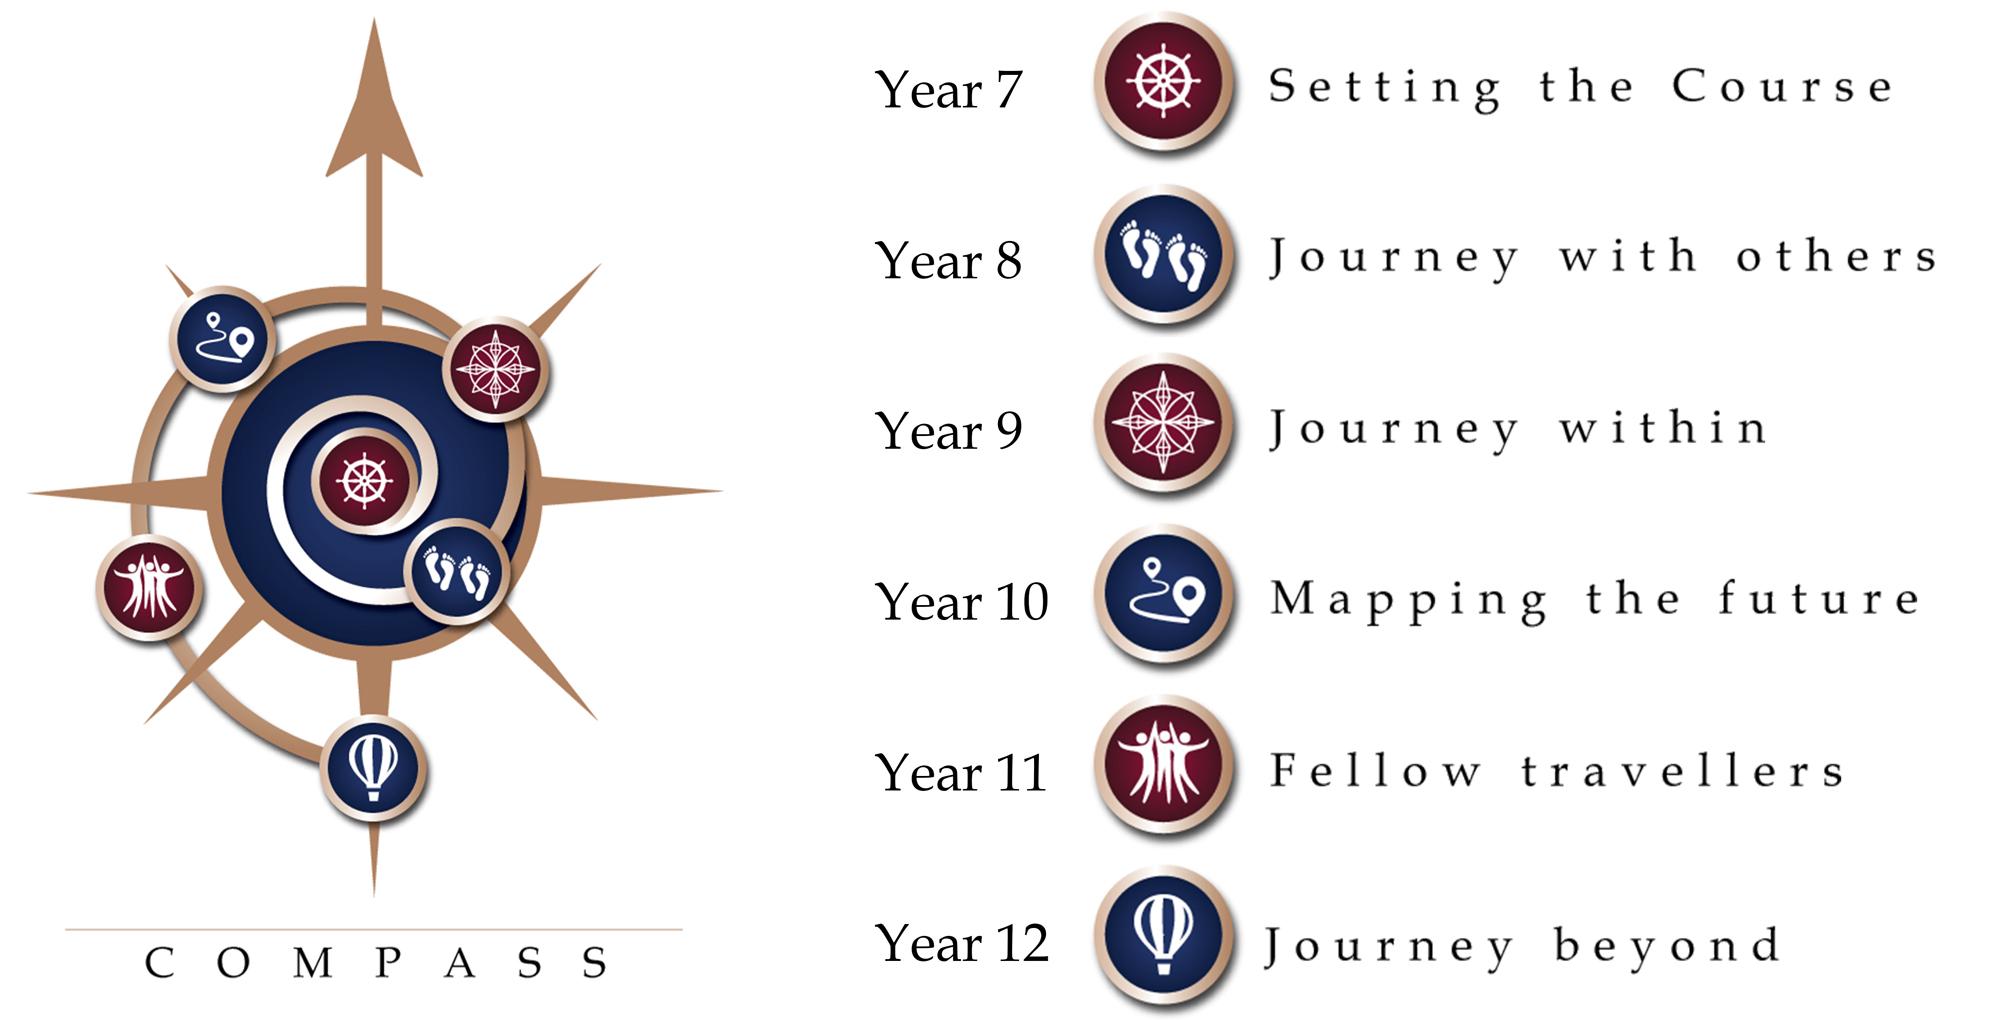 Compass WebSymbols complete